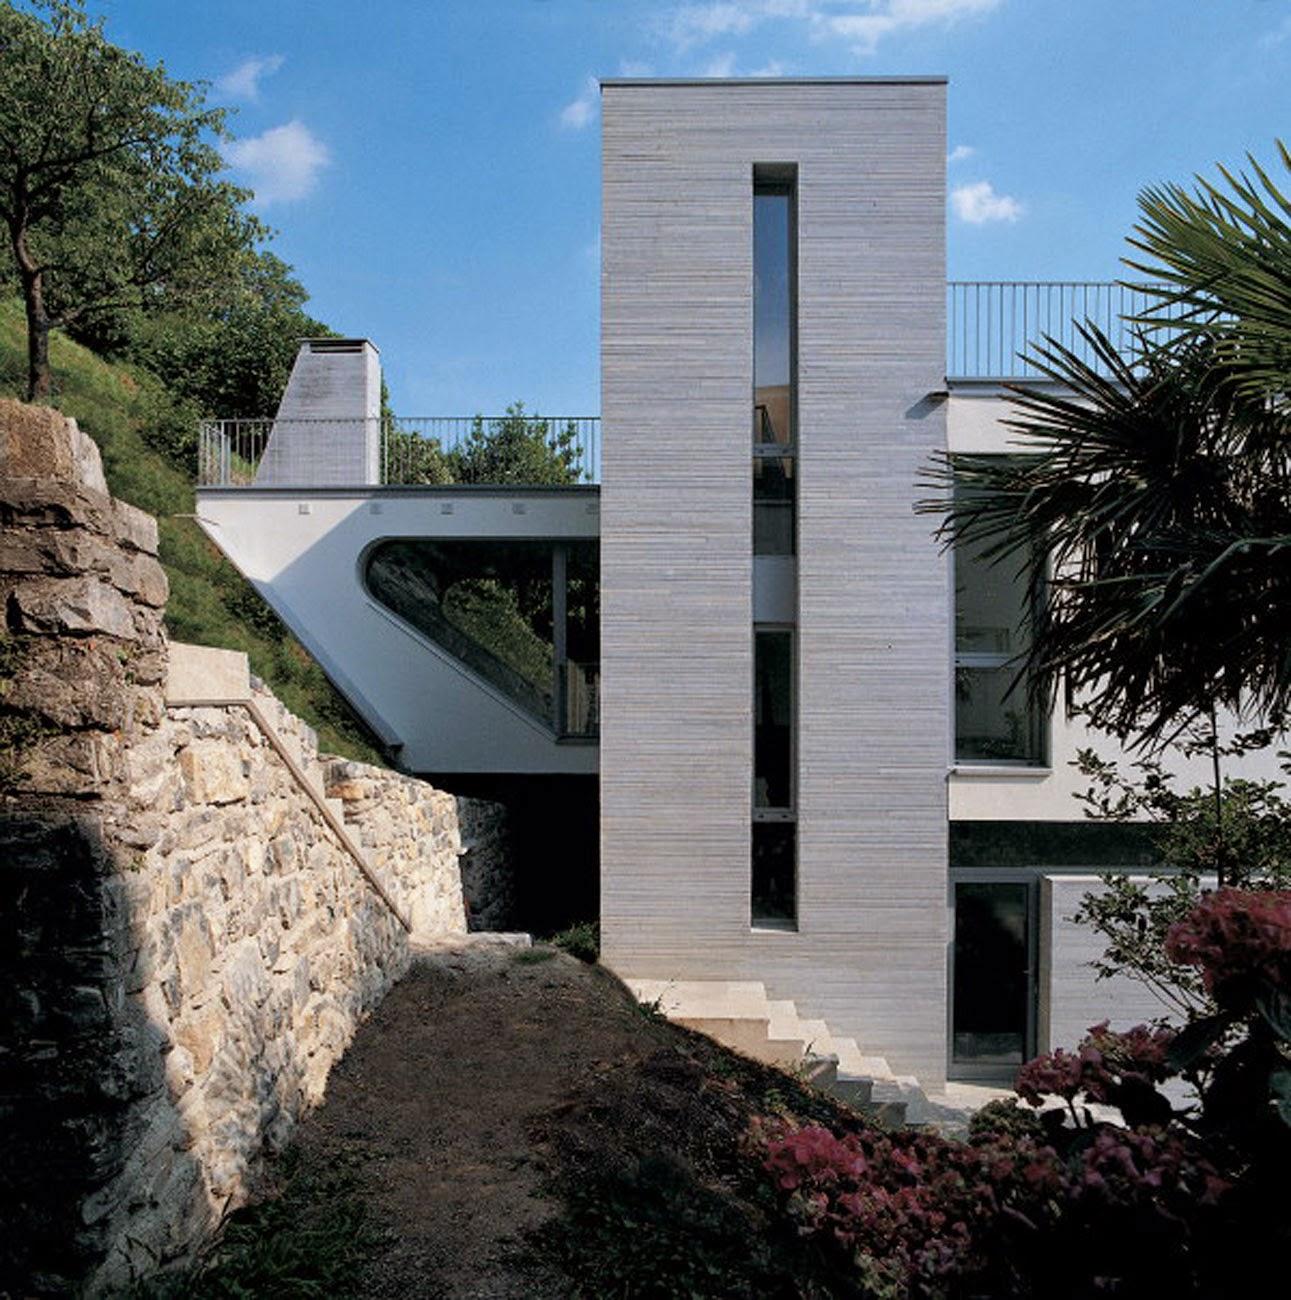 Home Interior Design Impressive Minimalist House in Futuristic